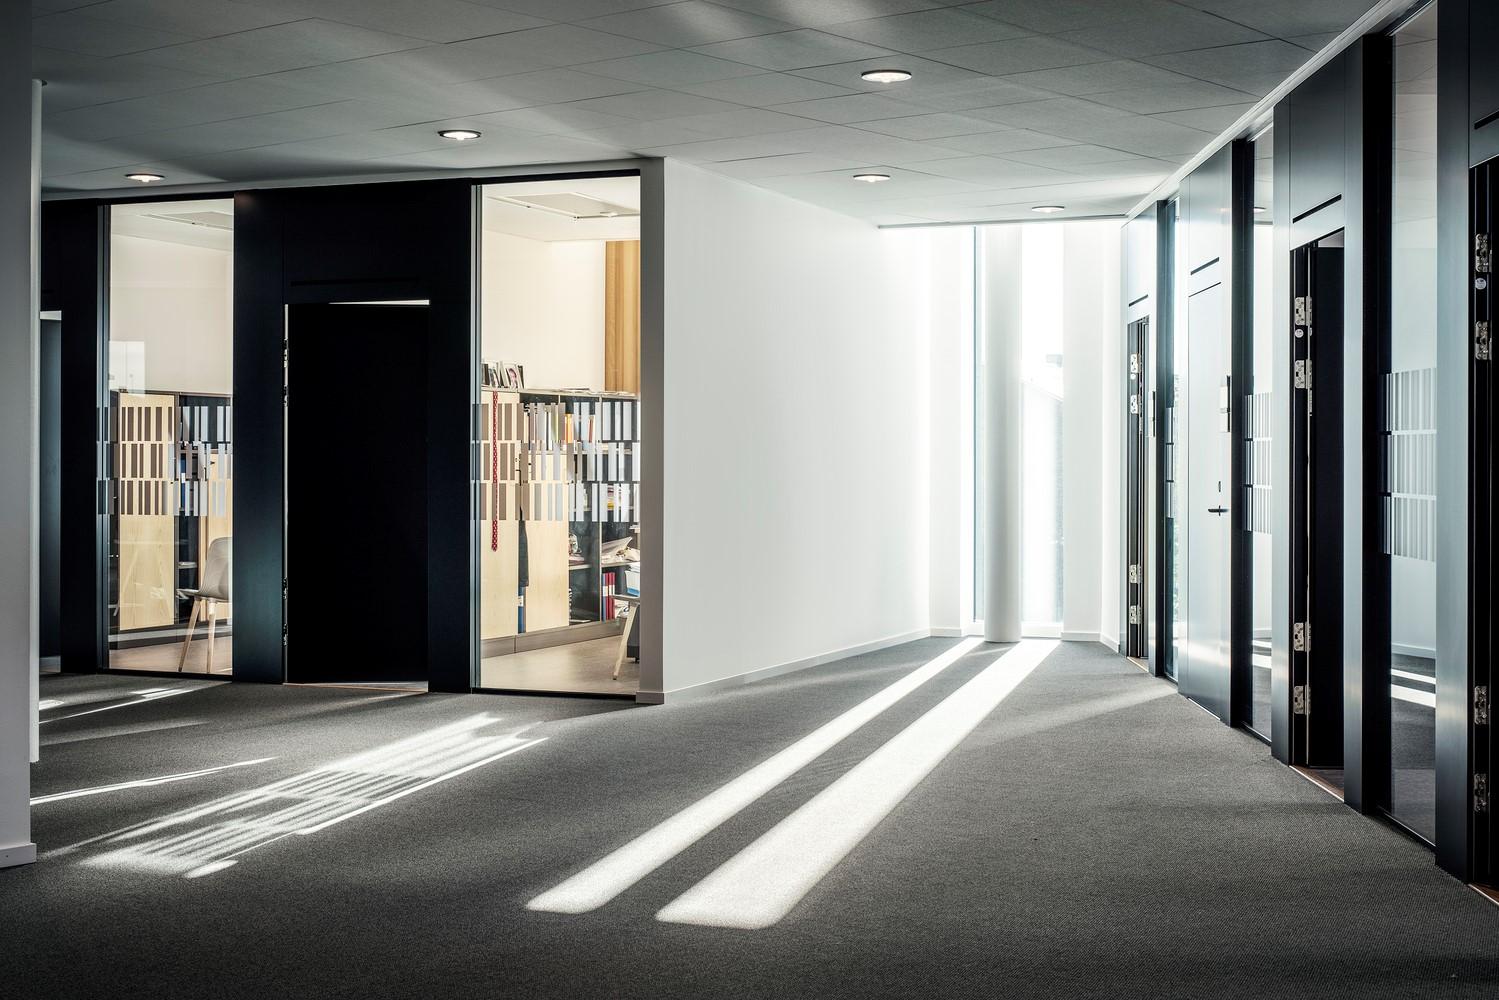 英国伦敦区域法院大楼建筑设计/FOJAB arkitekter